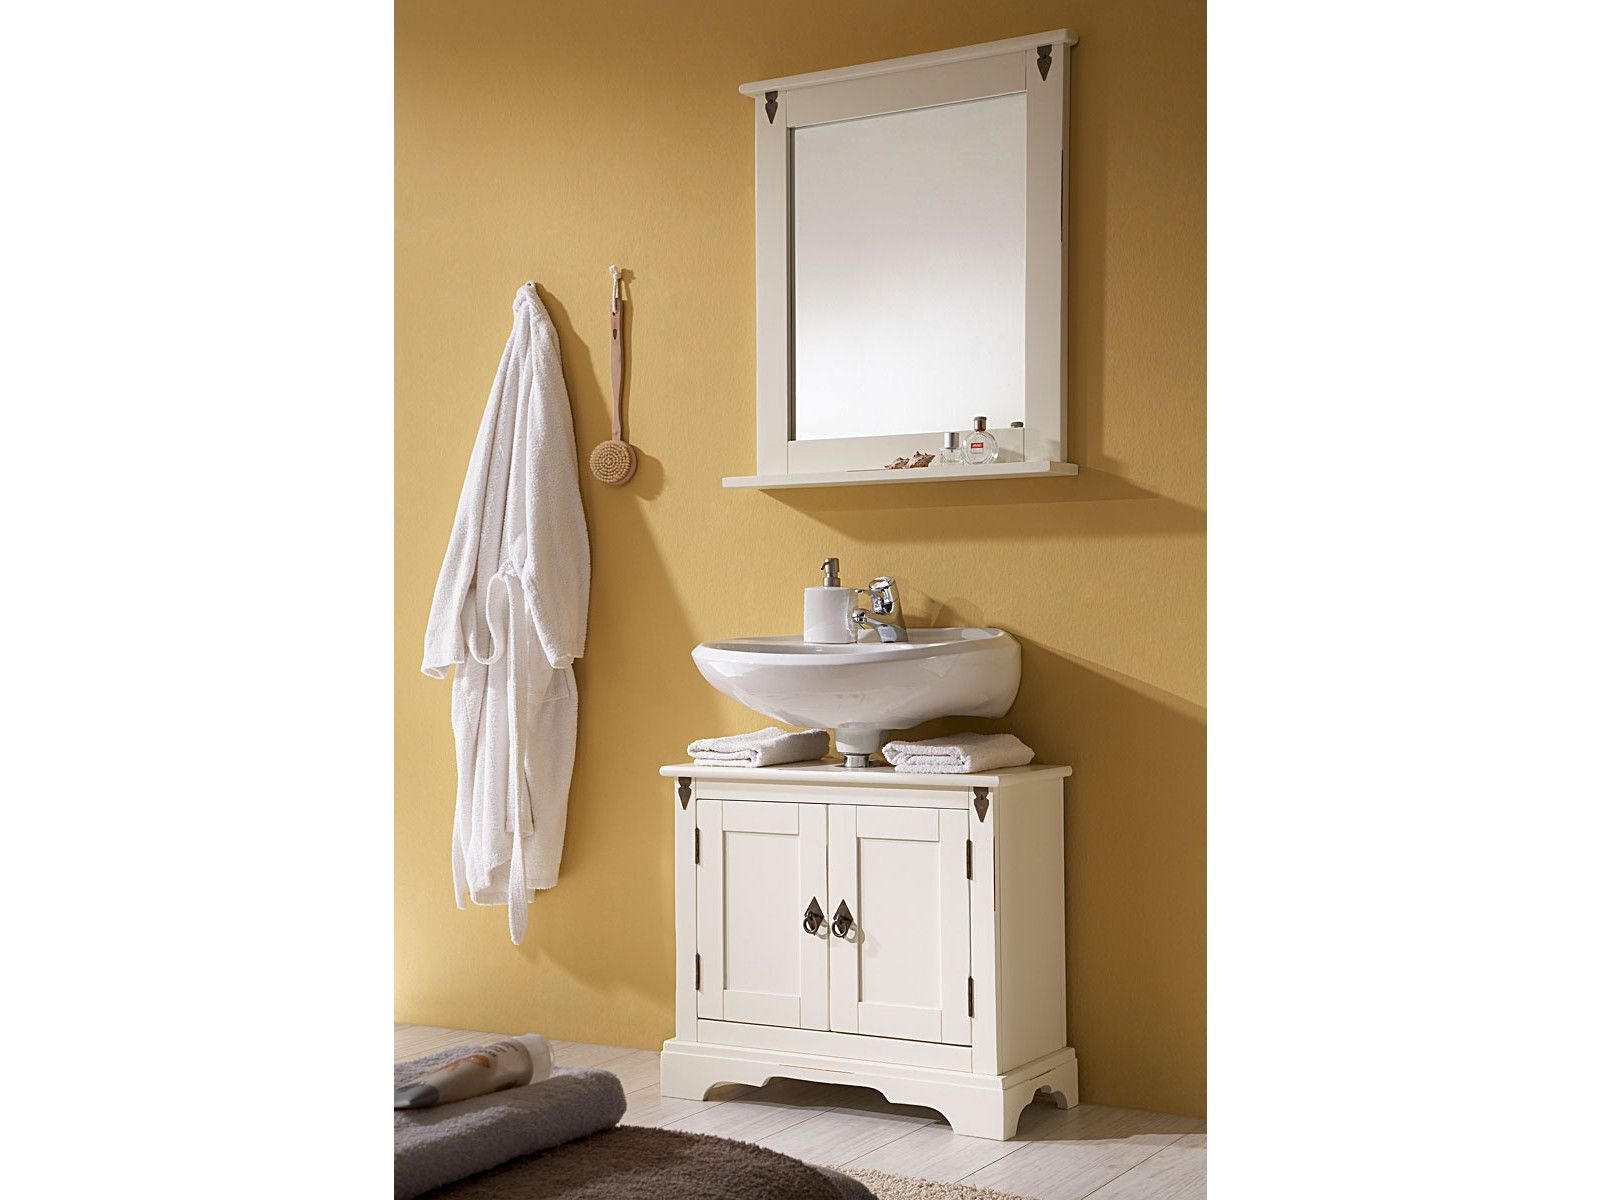 Badezimmer Komplettset ~ 28 besten badmöbel bilder auf pinterest badezimmer country stil